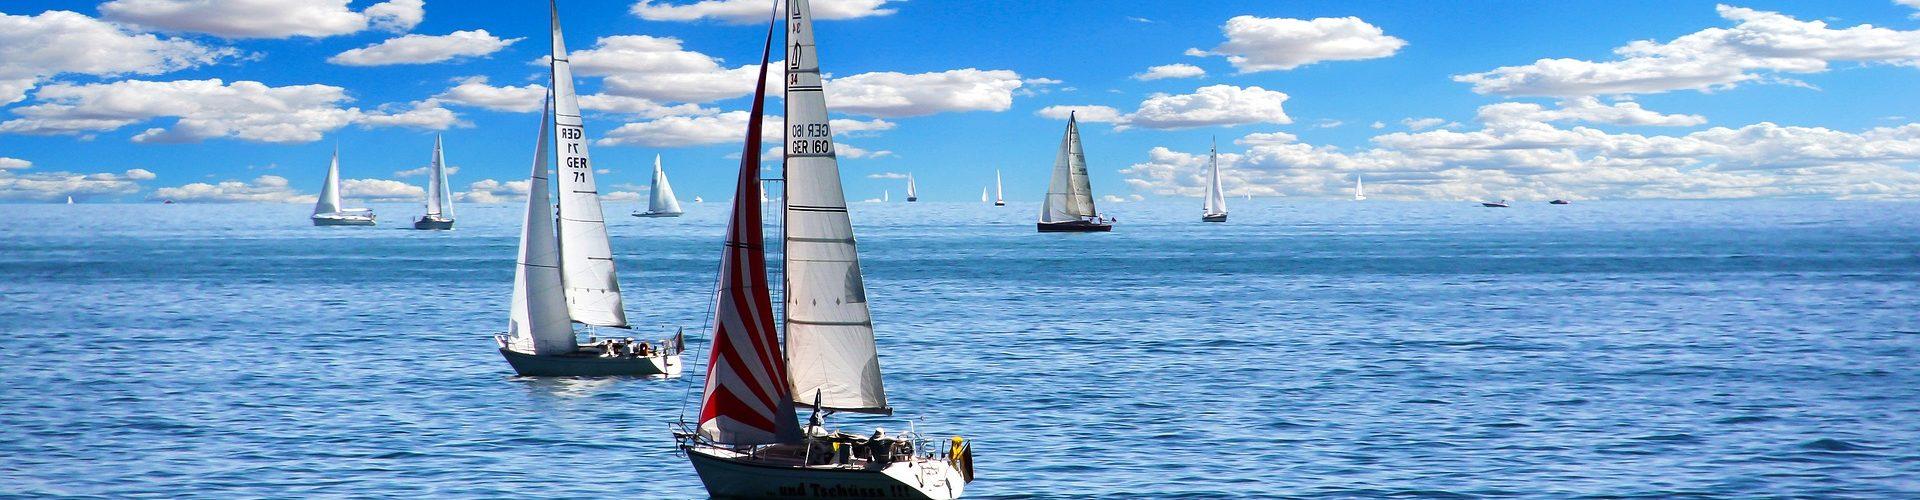 segeln lernen in Lensahn segelschein machen in Lensahn 1920x500 - Segeln lernen in Lensahn